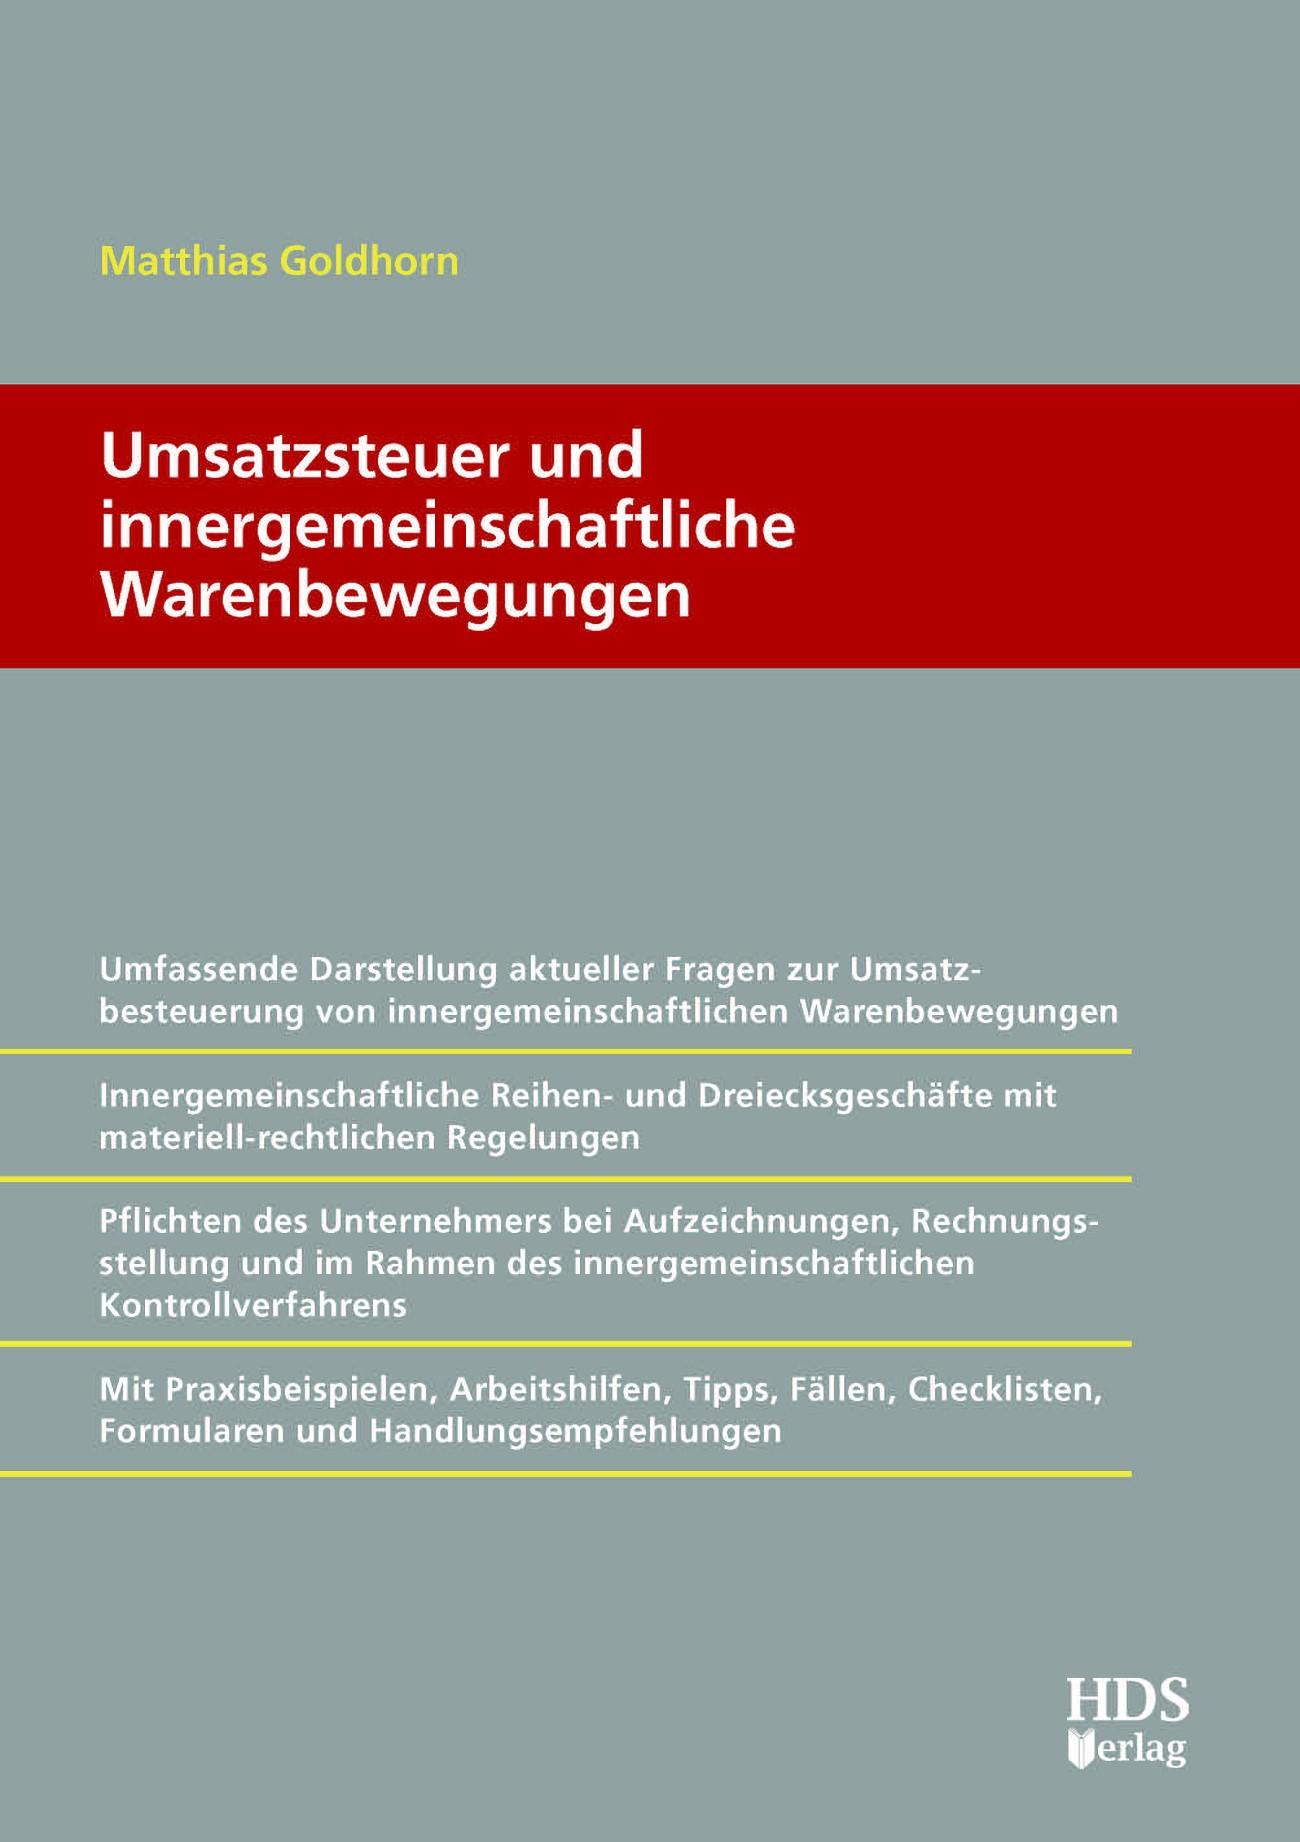 Umsatzsteuer und innergemeinschaftliche Warenbewegungen | Goldhorn, 2017 | Buch (Cover)